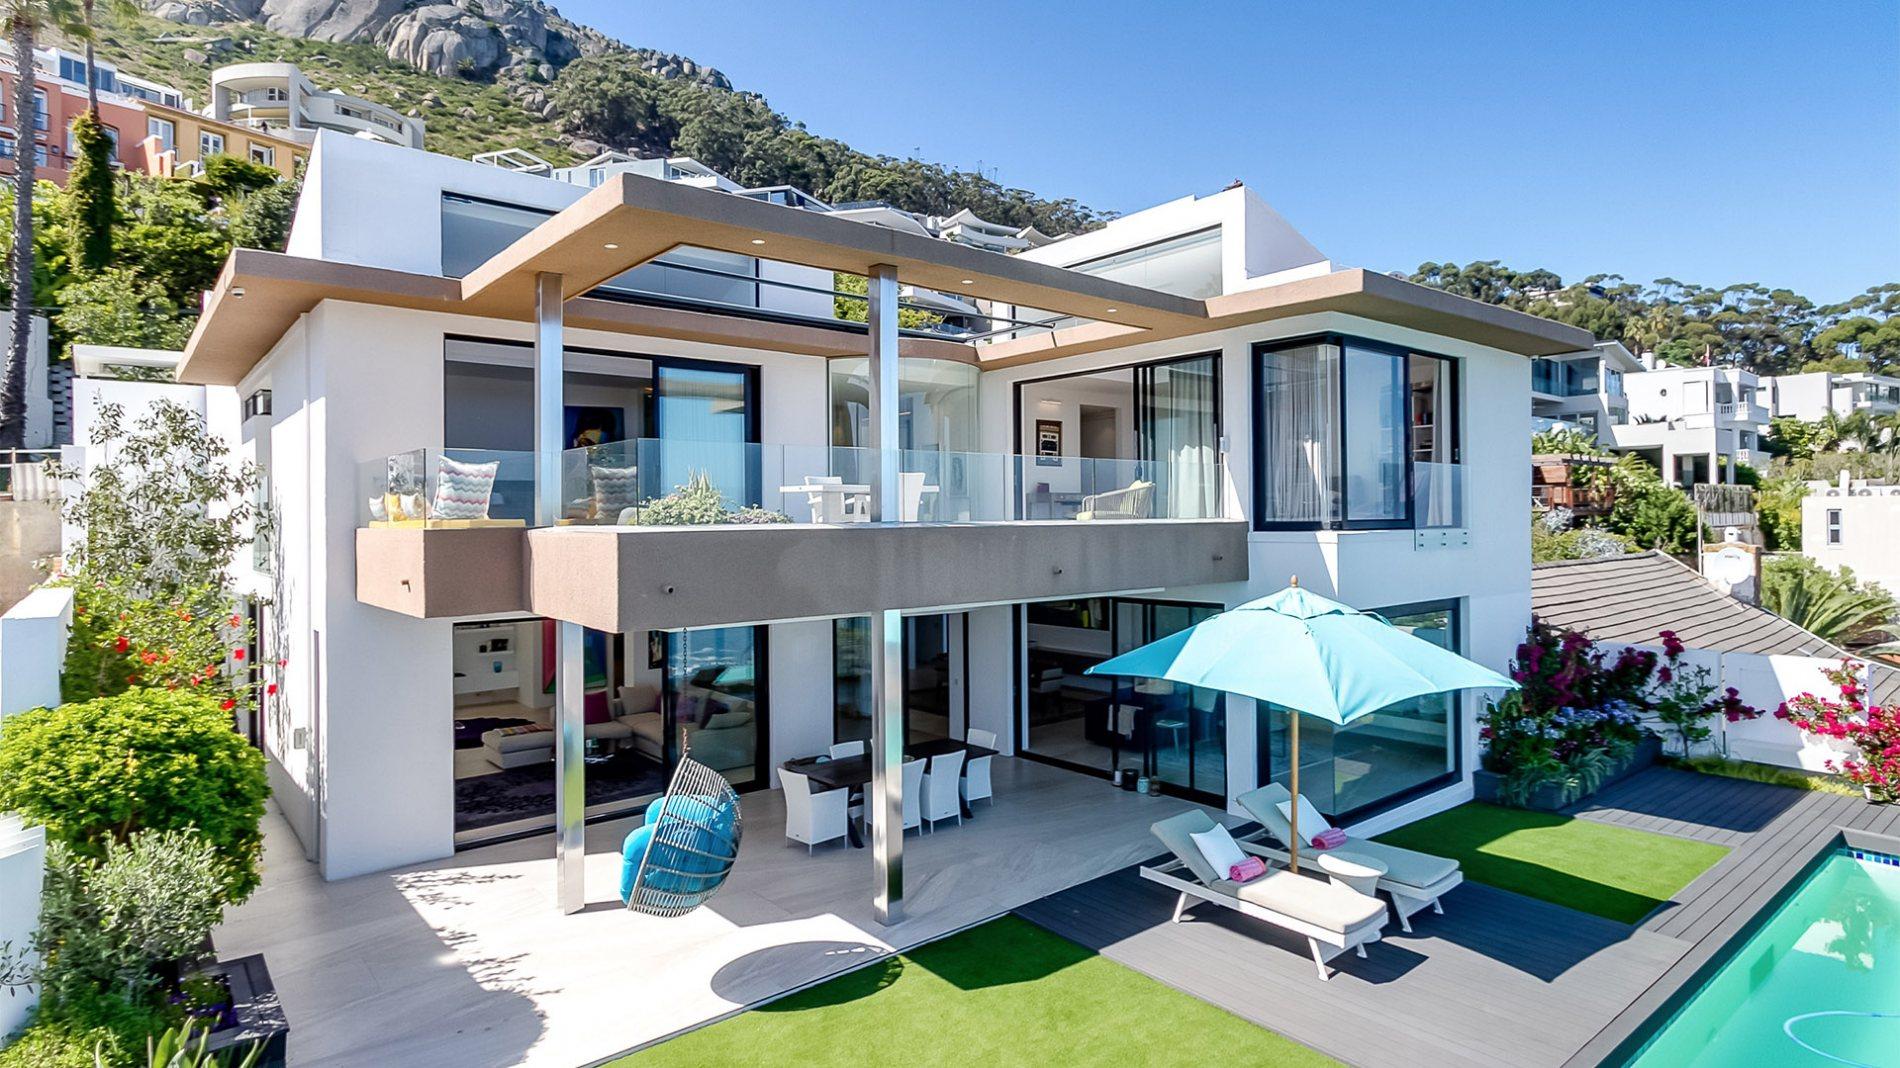 Foreign property buyers eye SA